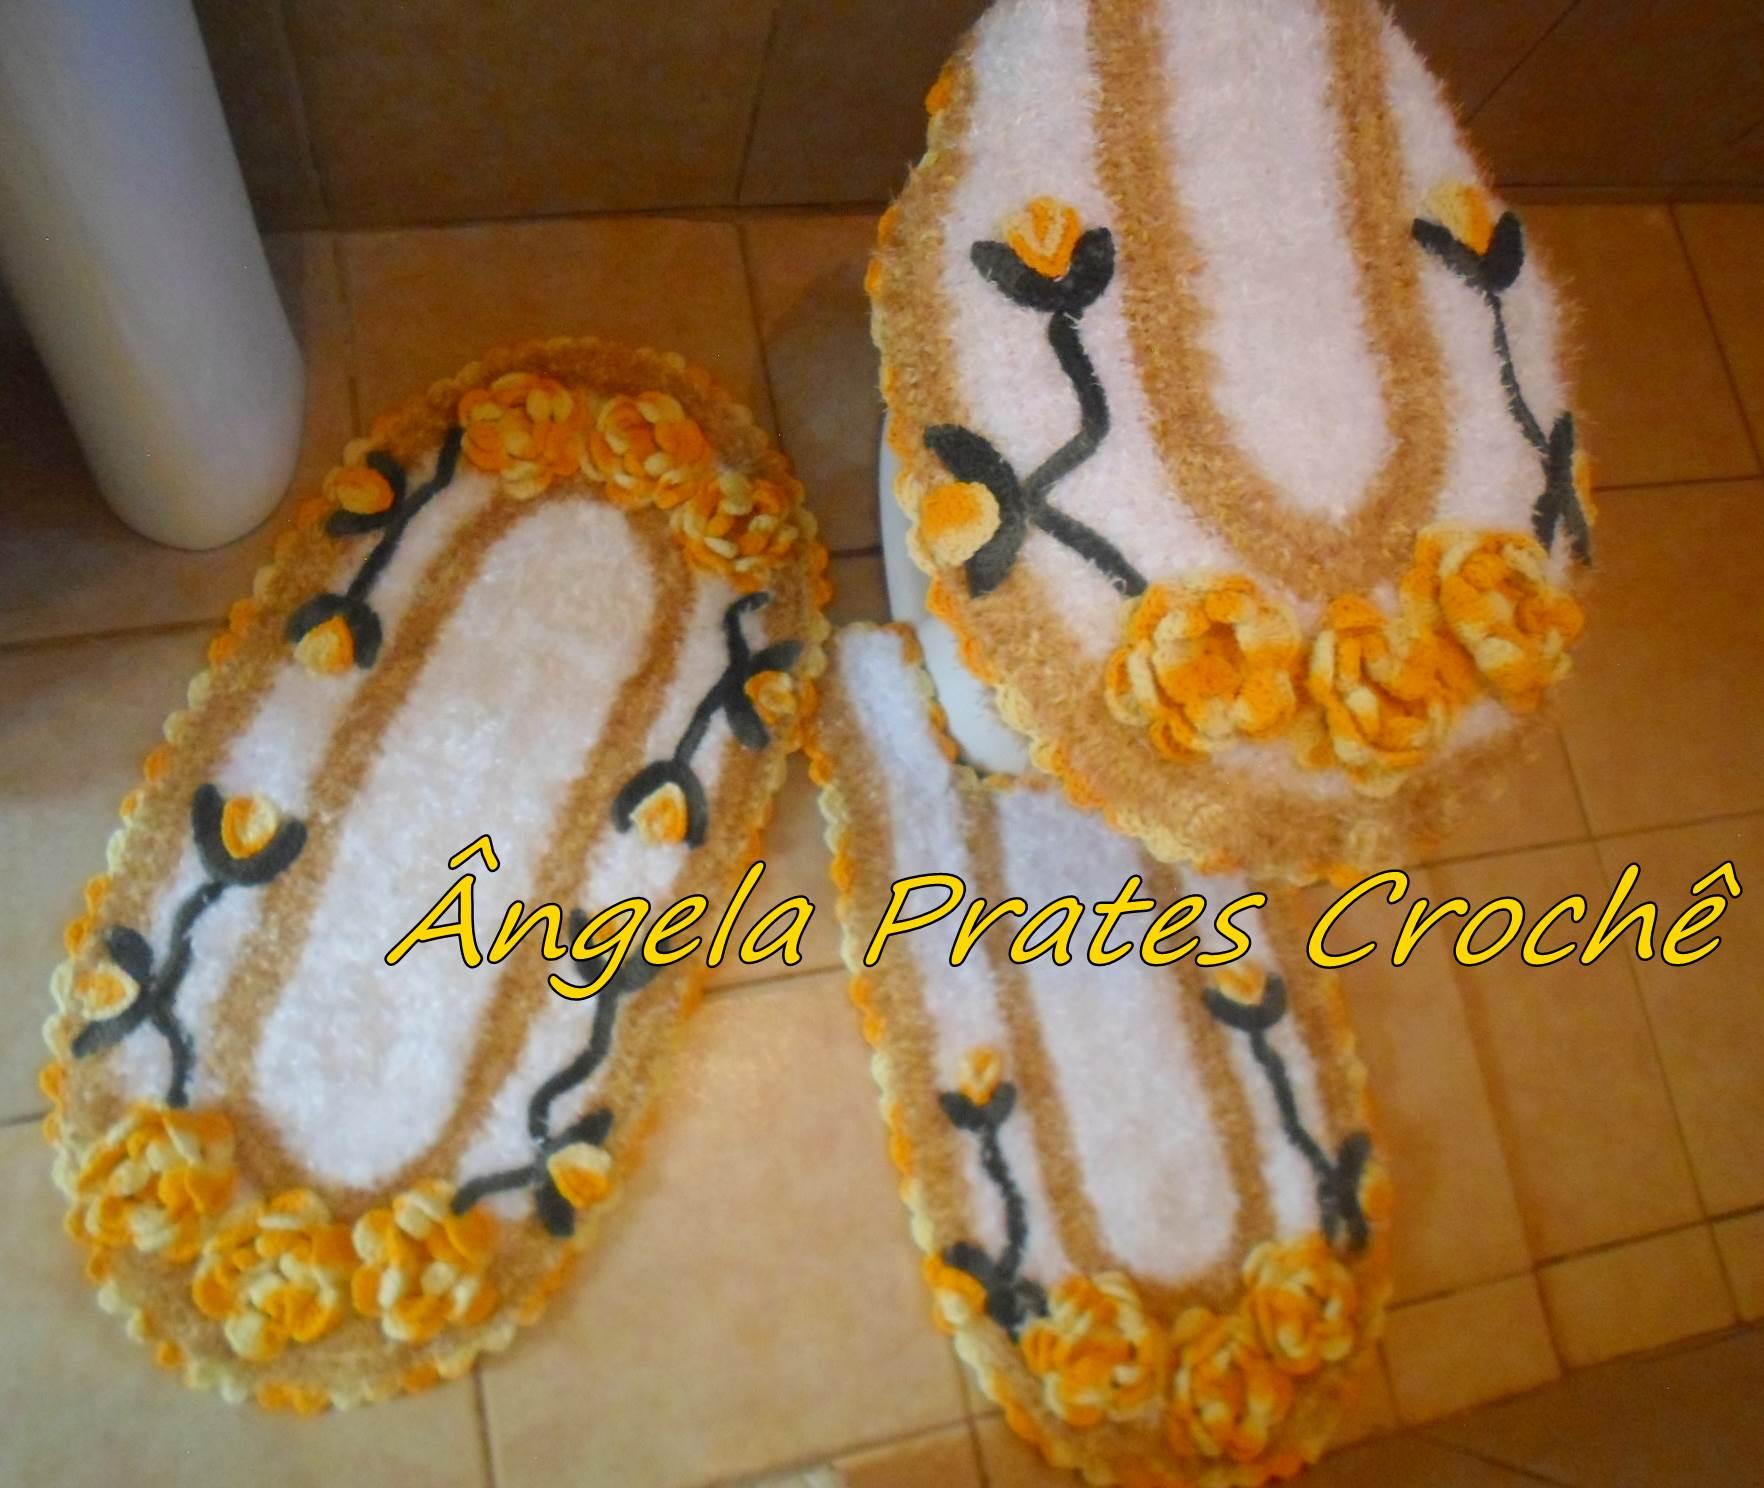 Tapete peludinho branco e amarelo Ângela Prates Crochê Elo7 #C4AC07 1764 1488